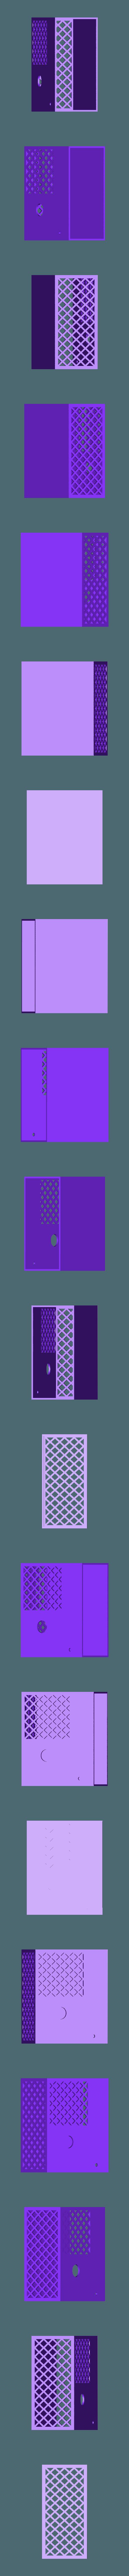 Bo%C3%AEtier_PSU.stl Télécharger fichier STL gratuit Remixage de l'enveloppe de l'alimentation électrique de l'Anycubic Kossel (PSU) • Plan à imprimer en 3D, aleph34